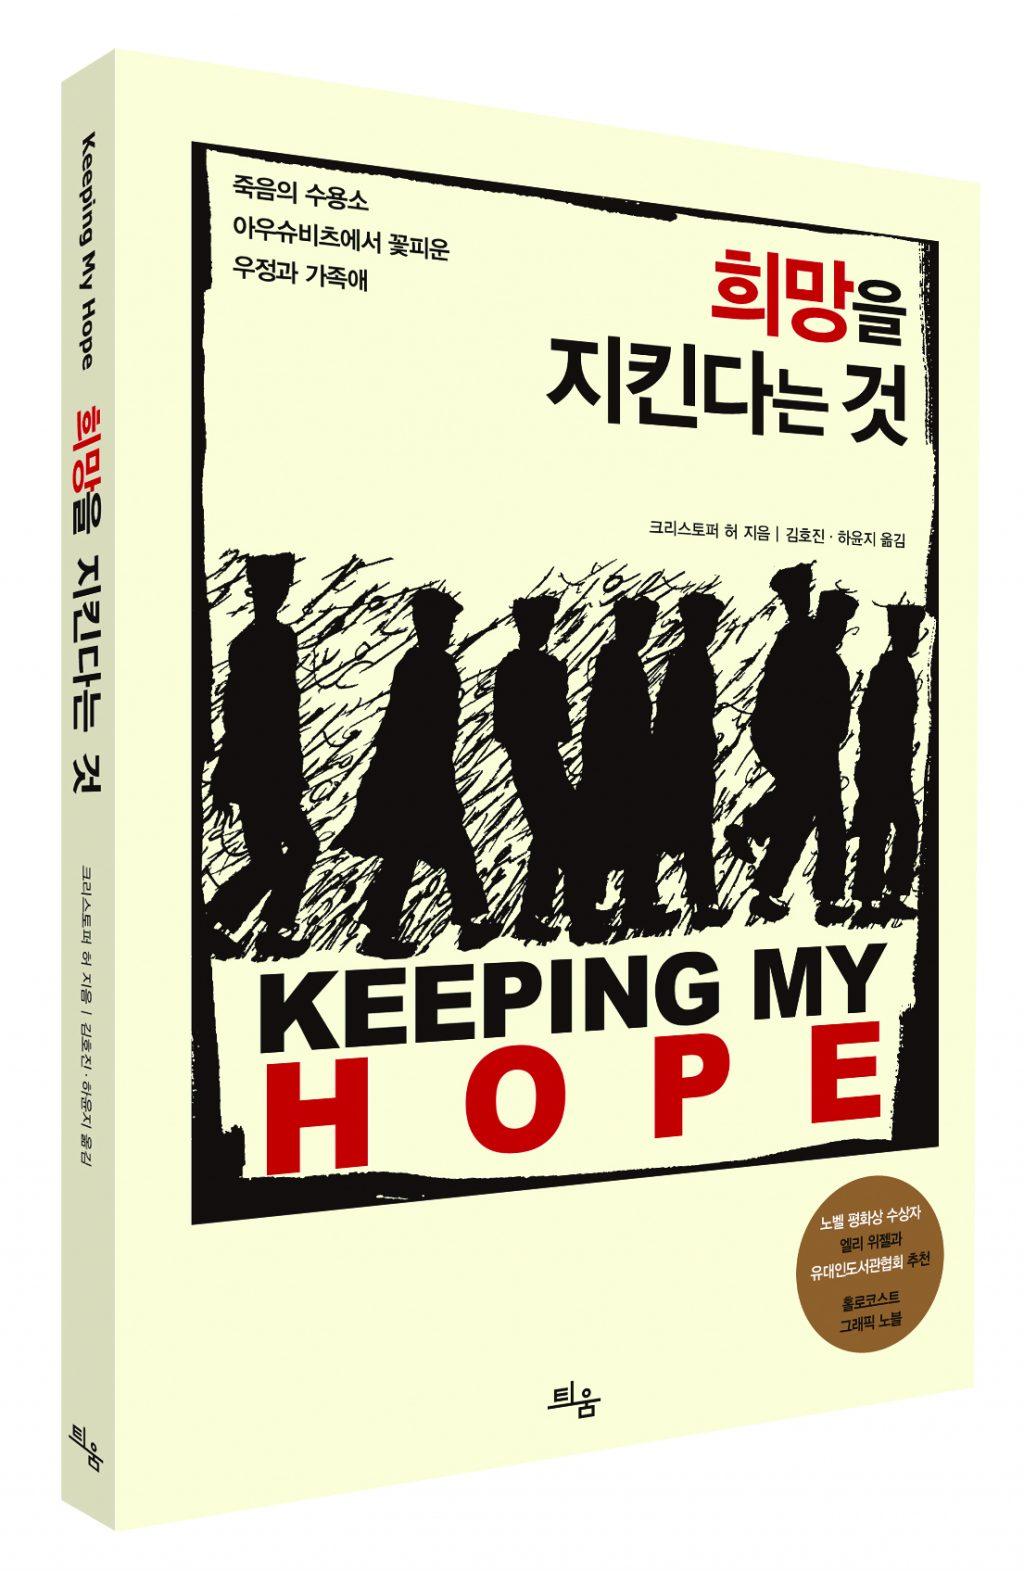 희망을지킨다는것-표지입체